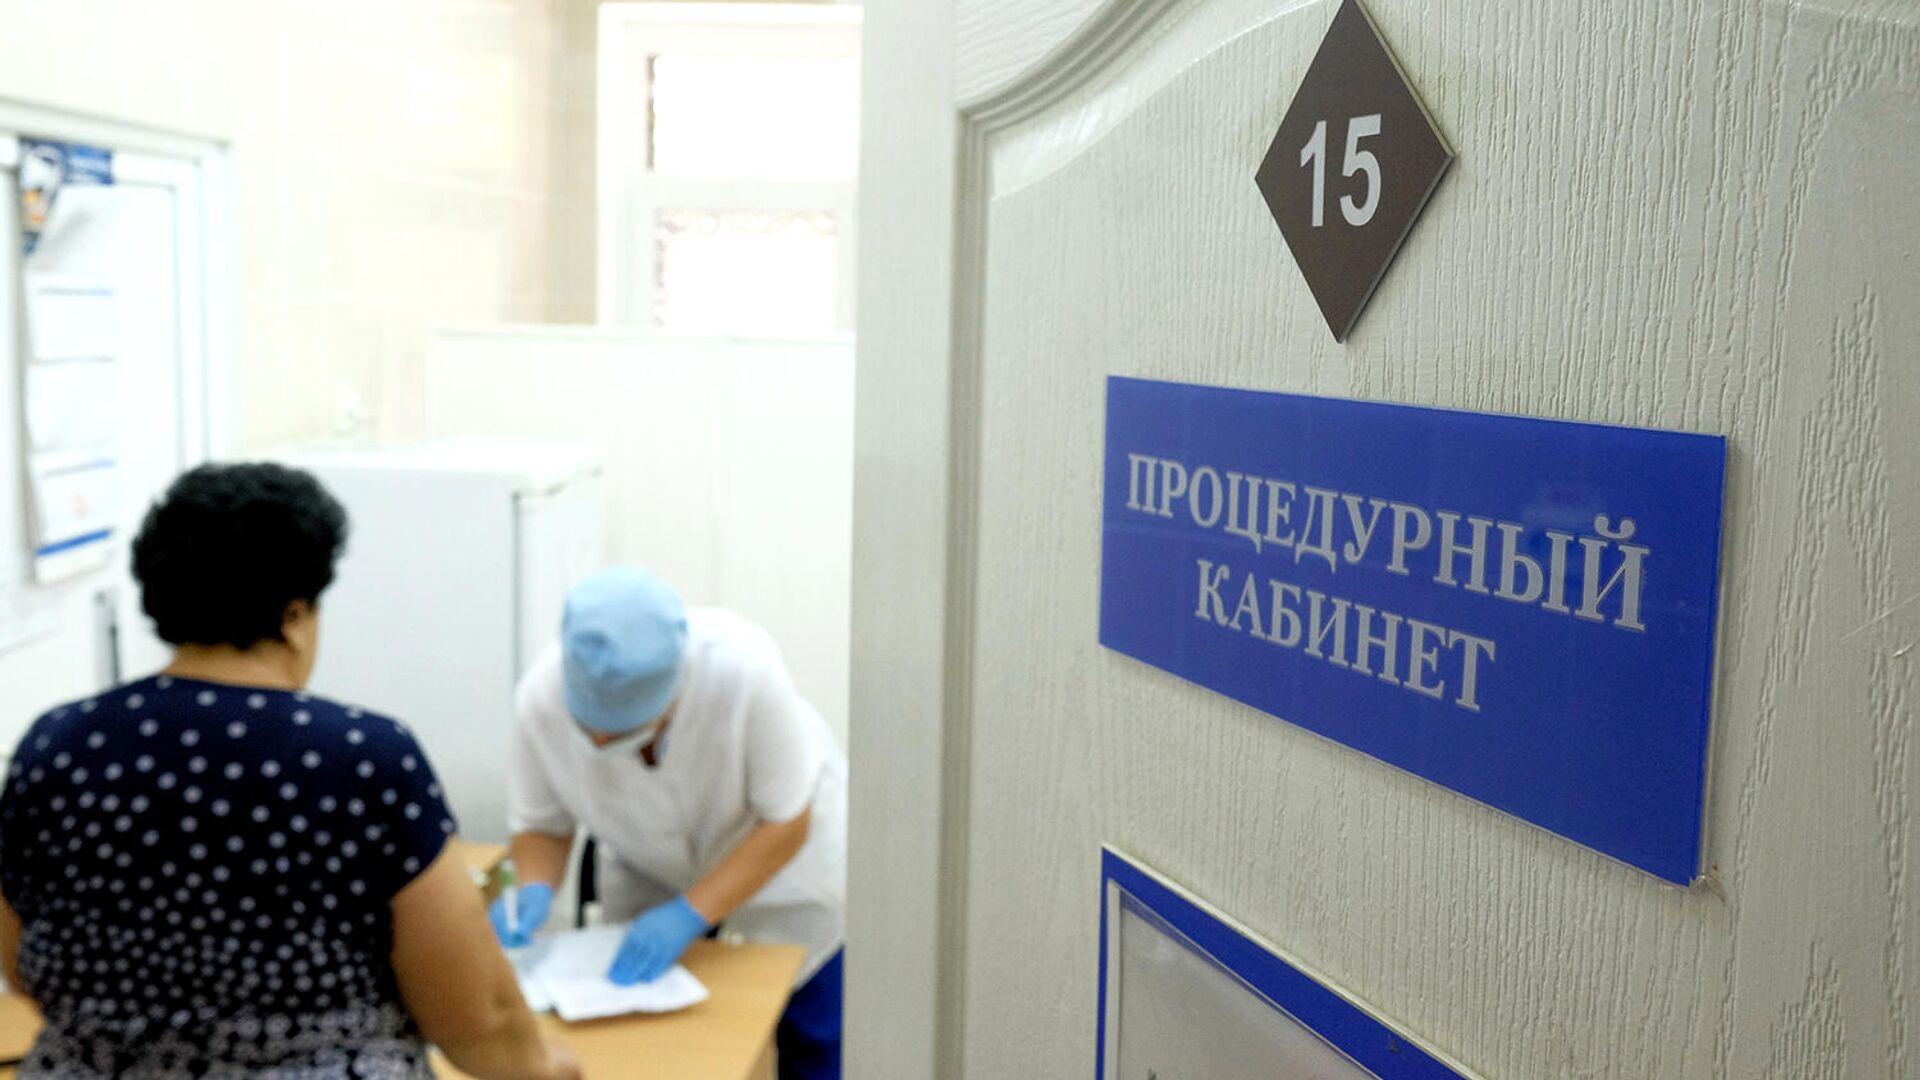 Женщина в процедурном кабинете одной из поликлиник где проходит вакцинация против гриппа - РИА Новости, 1920, 07.09.2020